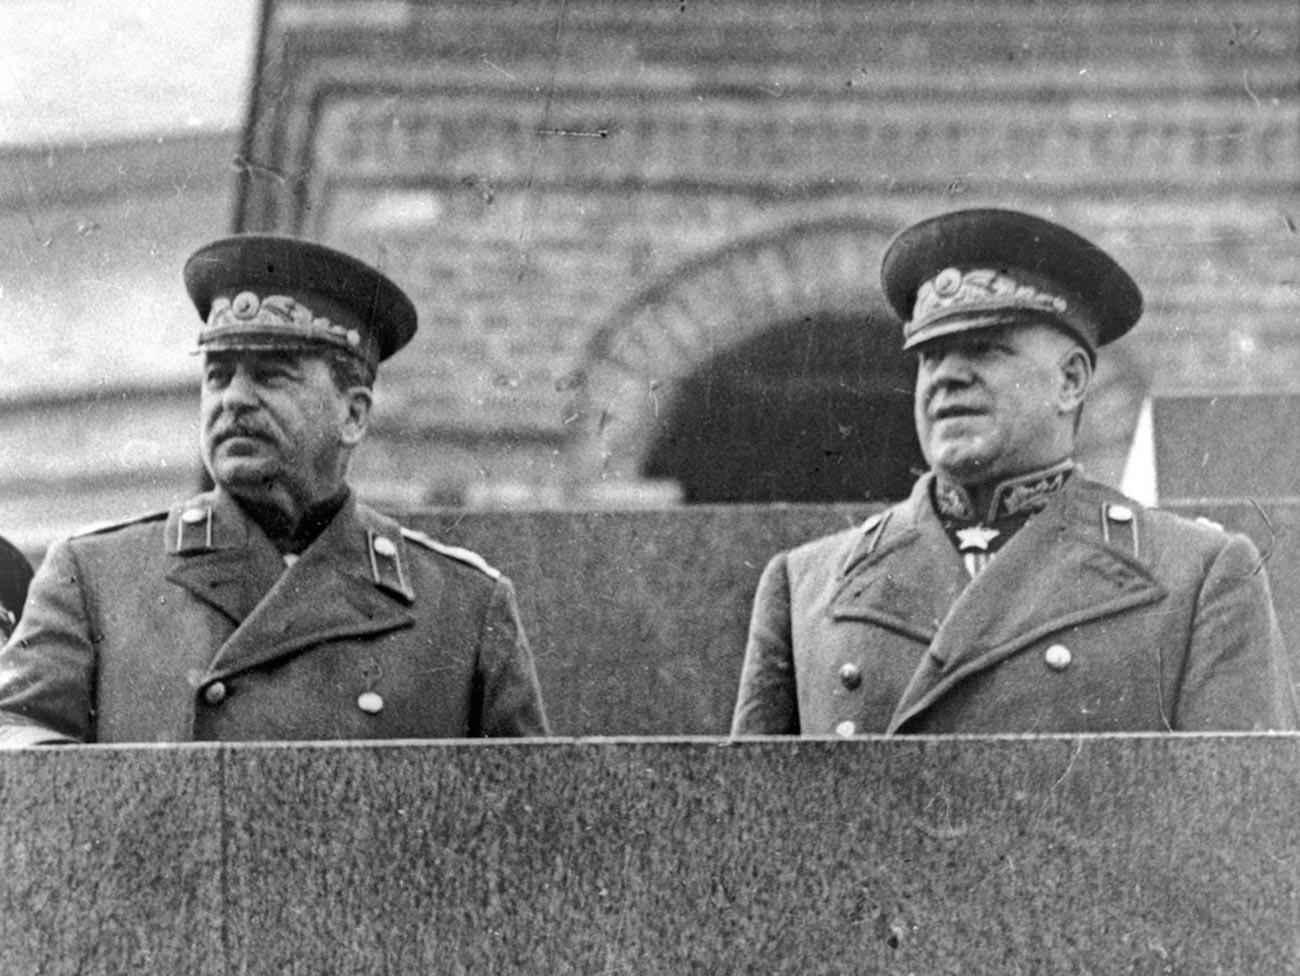 Josef Stalin und Georgi Schukow auf dem Podium des Mausoleums während einer Siegesparade.